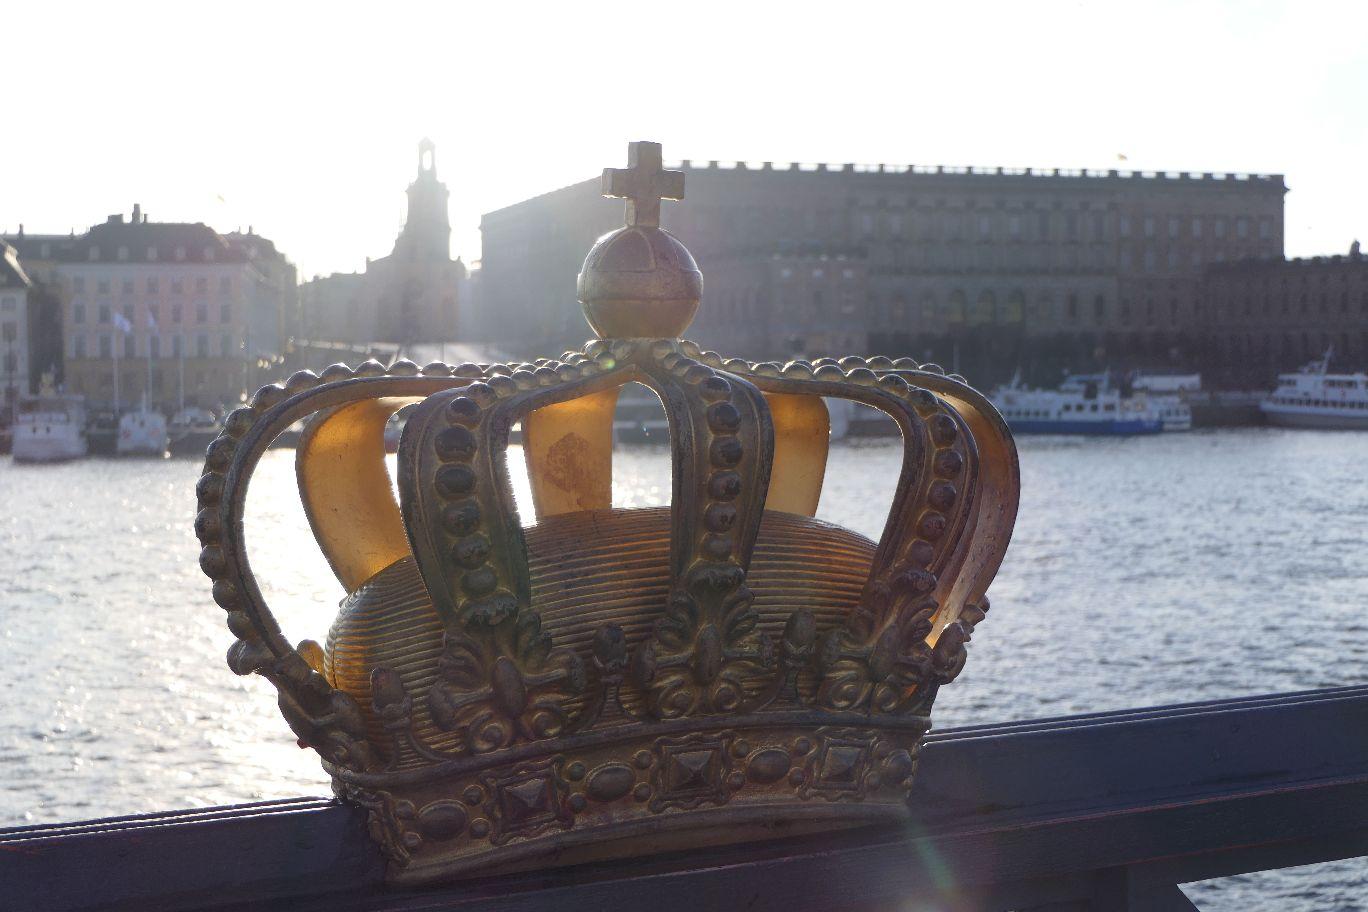 Stockholm Schweden Skeppsholmen Skeppsholmsbron Goldene Krone Ausblick